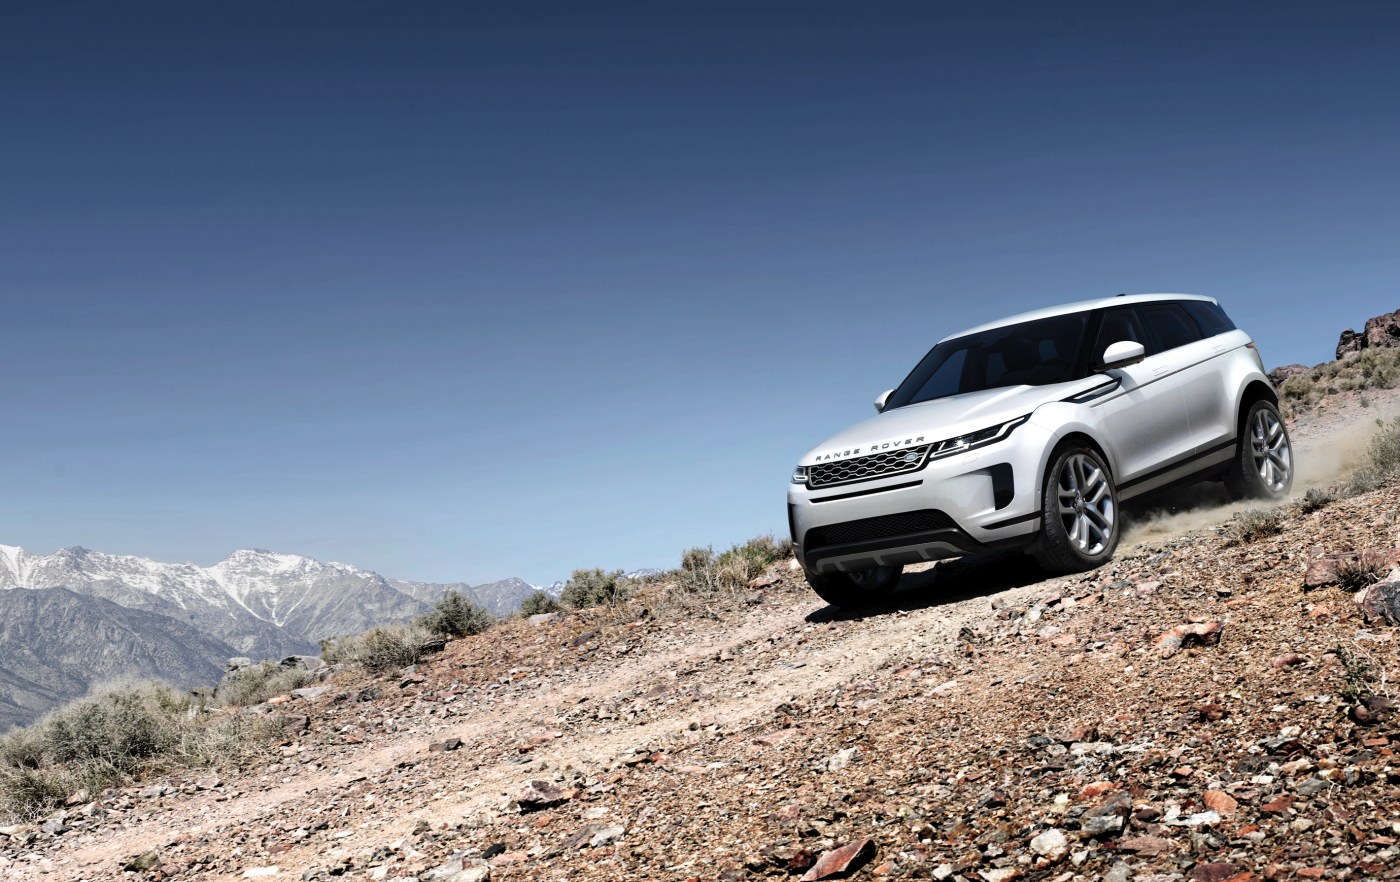 Range Rover Evoque descending mountain